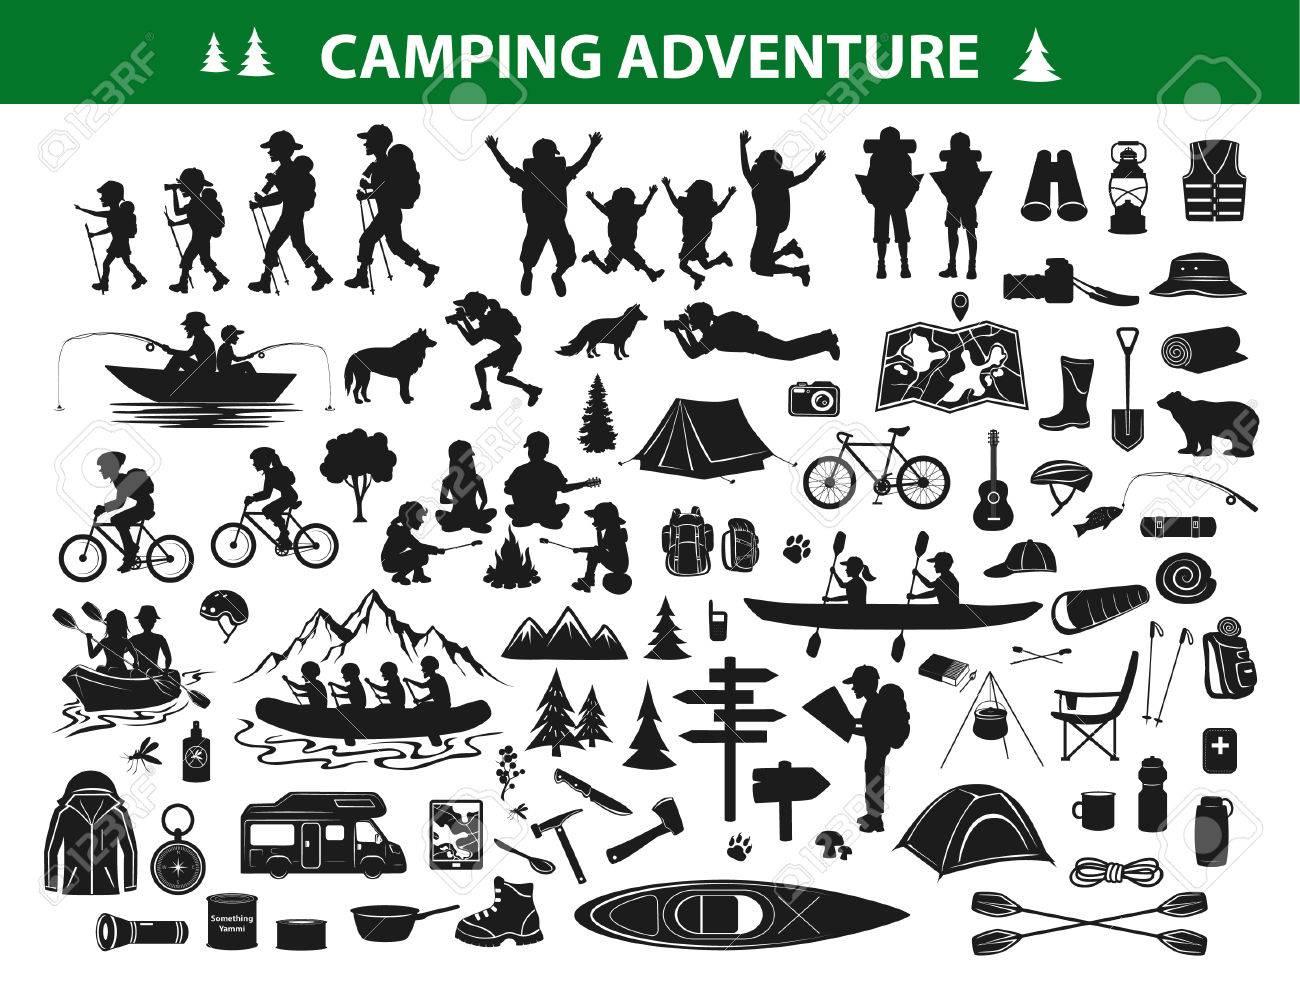 Camping Hiking Silhouette Collection Set People Trekking Navigating Sitting At Campfire Tent Kayaking Rafting Fishing Mountain Biking Campsite Gear